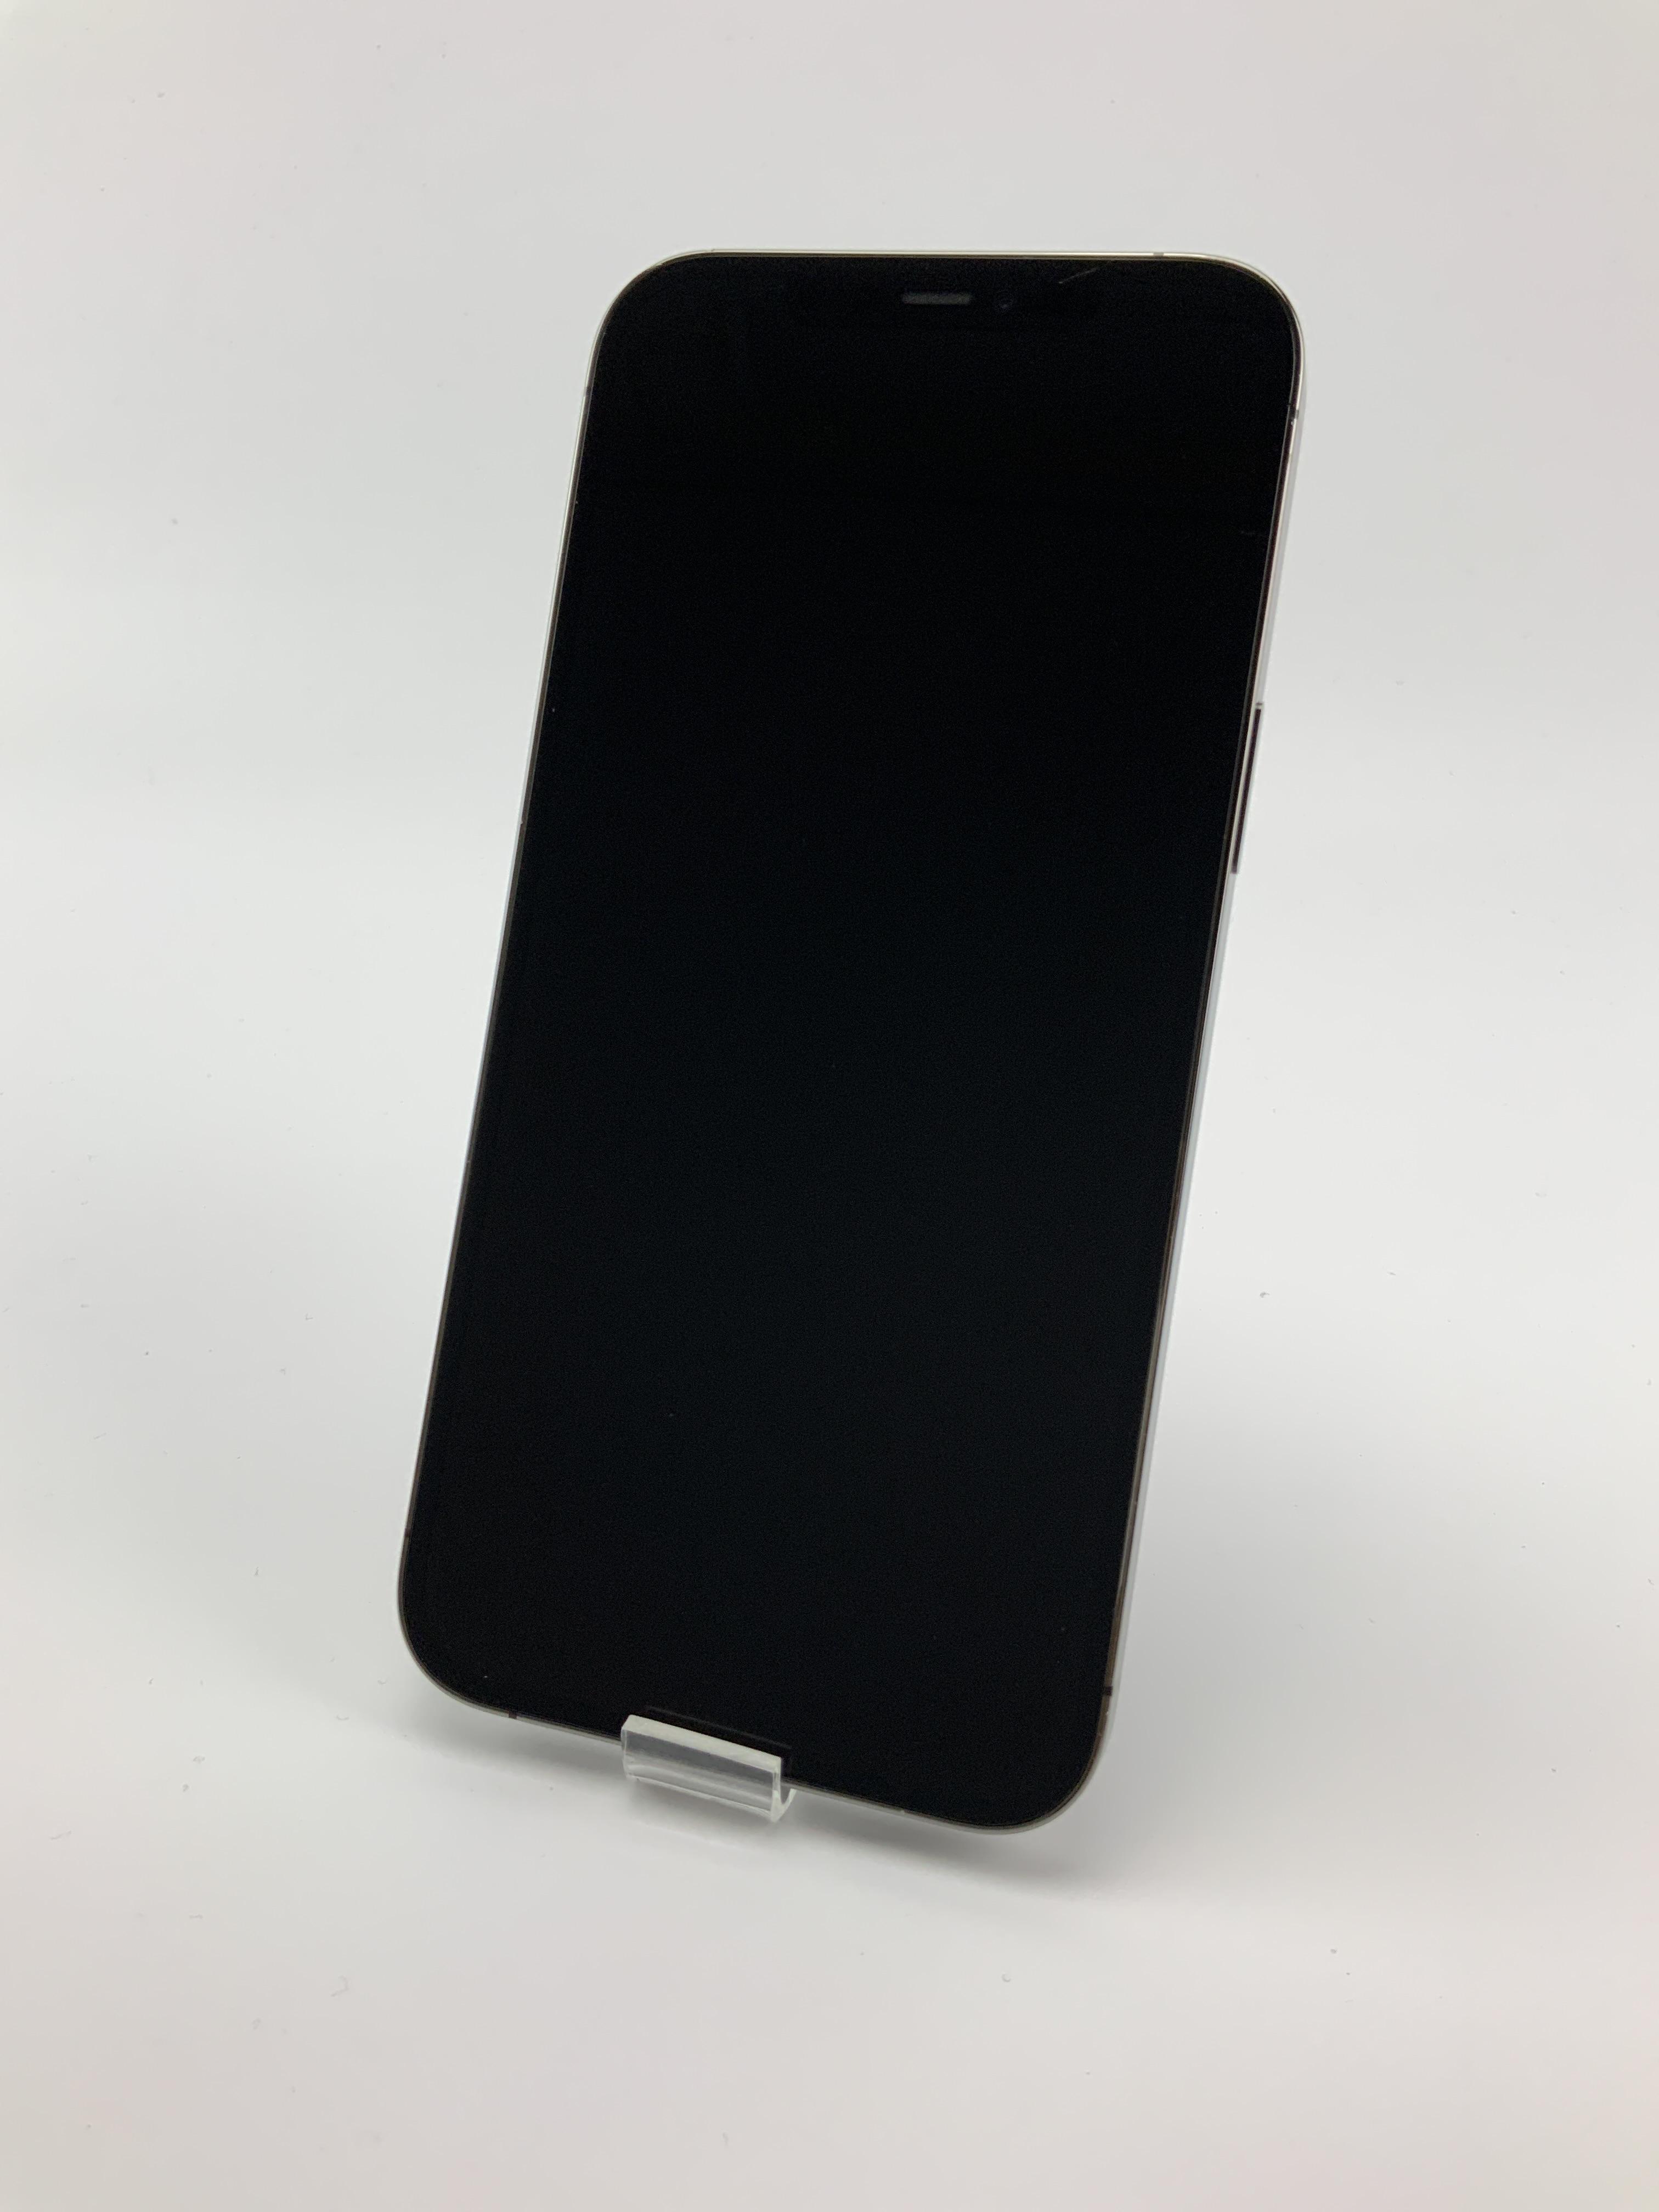 iPhone 12 Pro Max 128GB, 128GB, Graphite, Bild 1